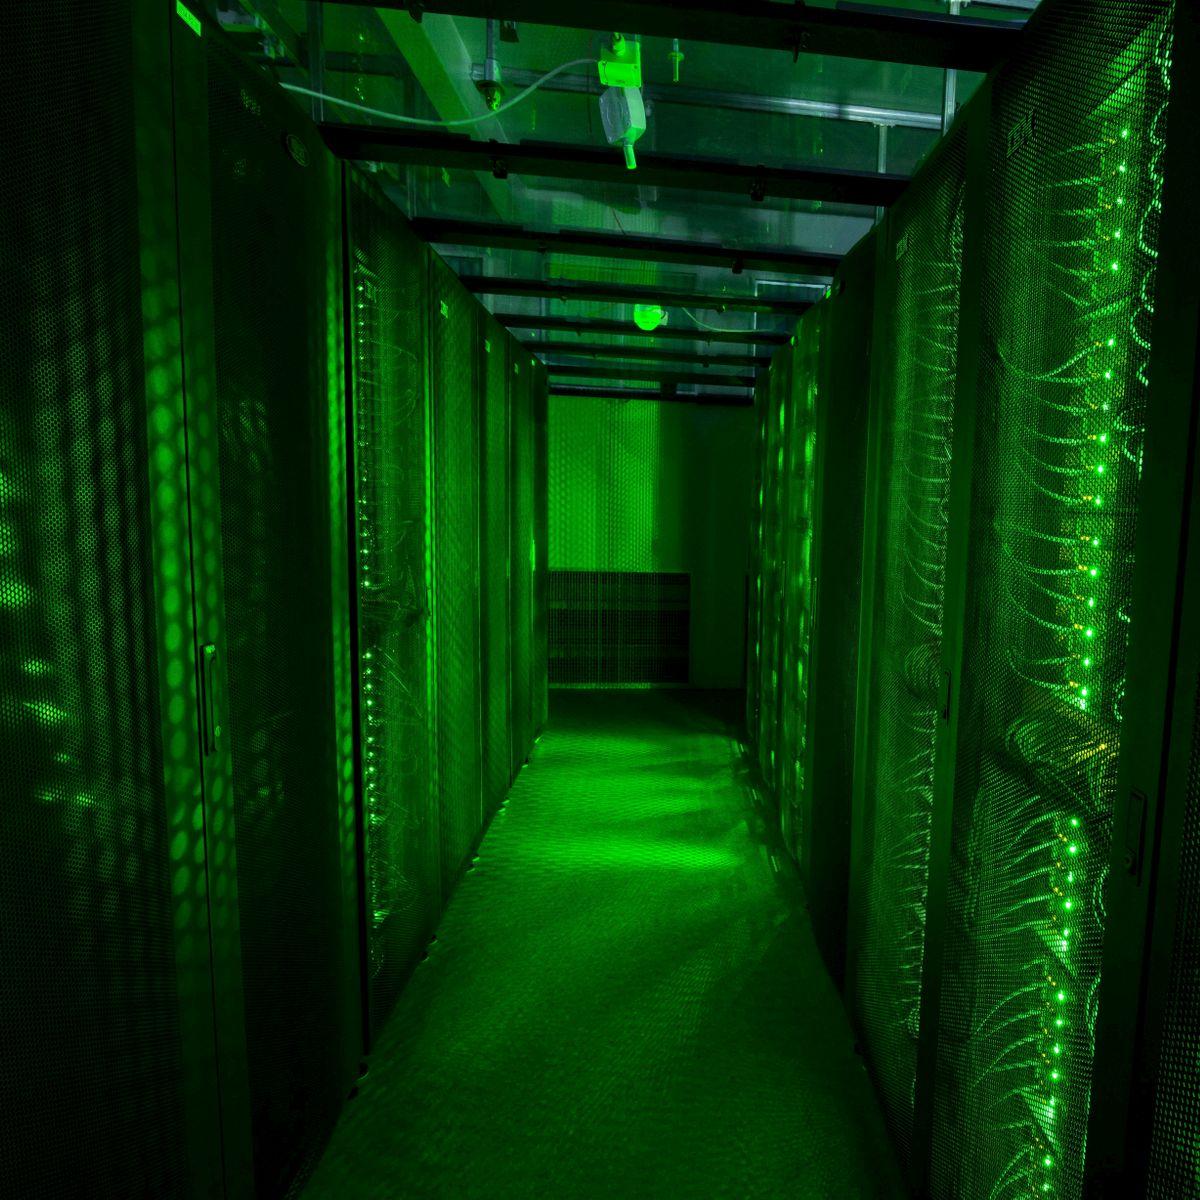 crypto phoenix investition suchen aufstrebende investmentmanager nach kryptowährung?